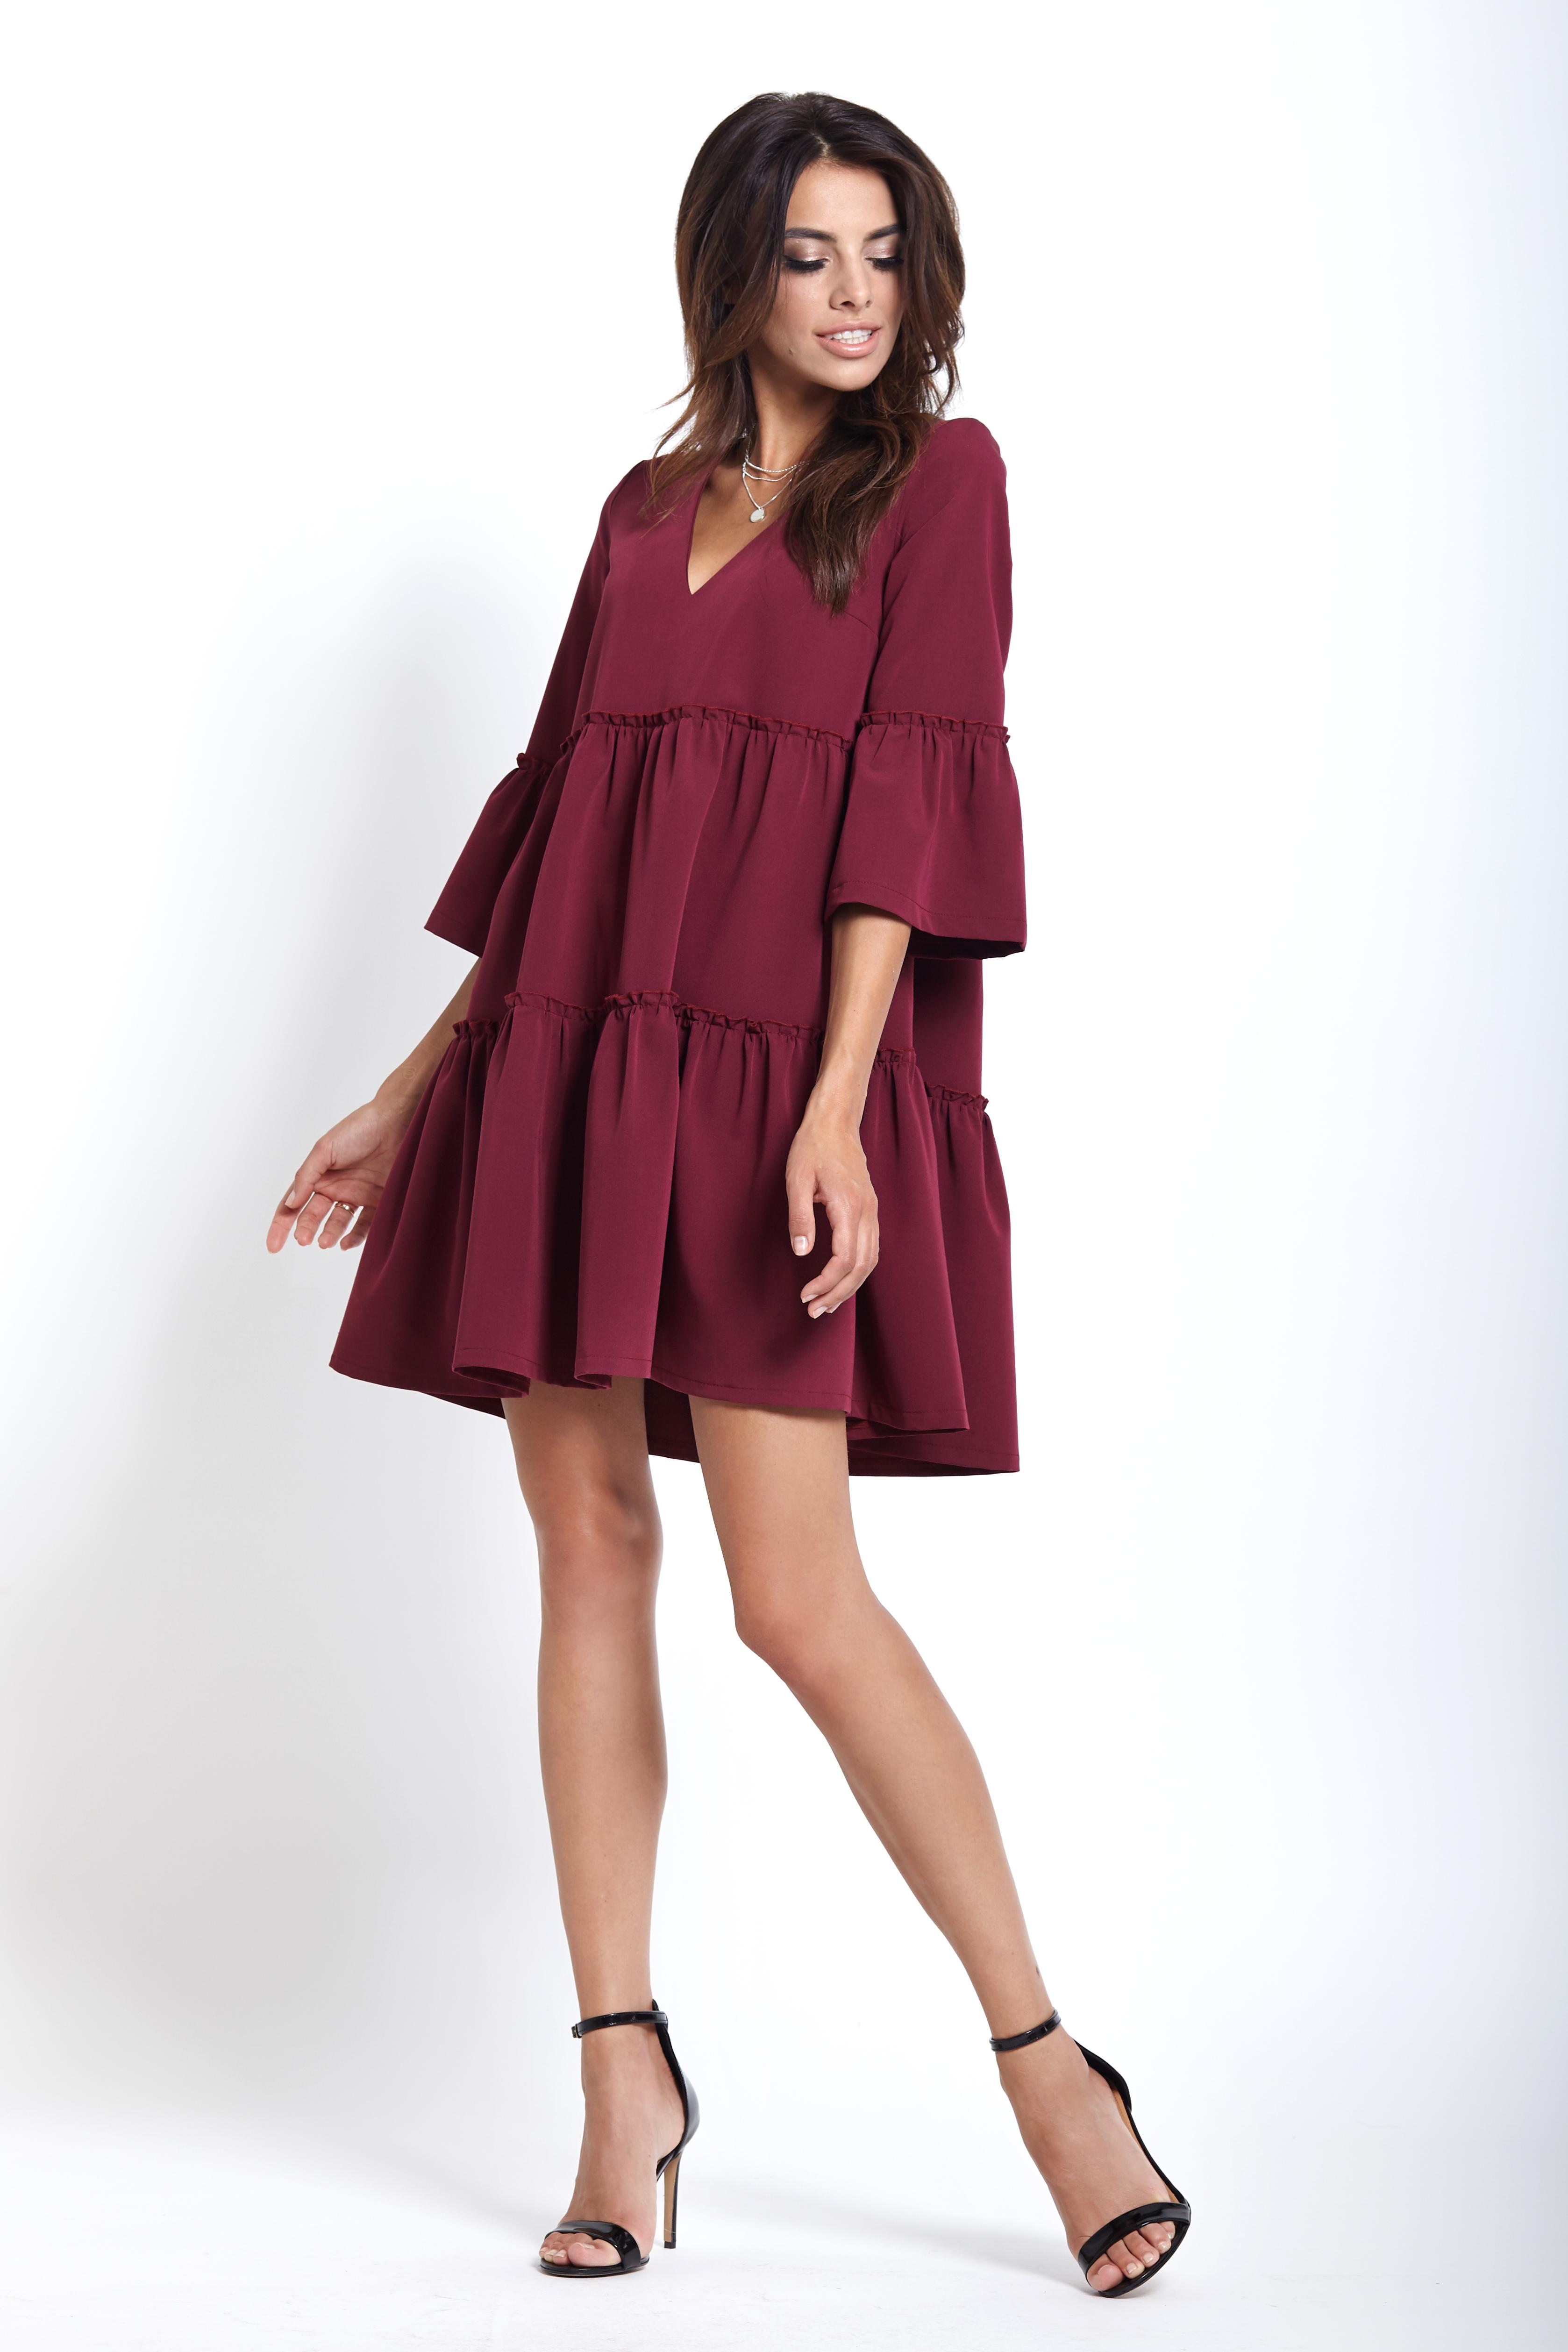 bc65d5a9ef Elegancka sukienka do kolan z falbanami bordowa - wysyłka już od 5